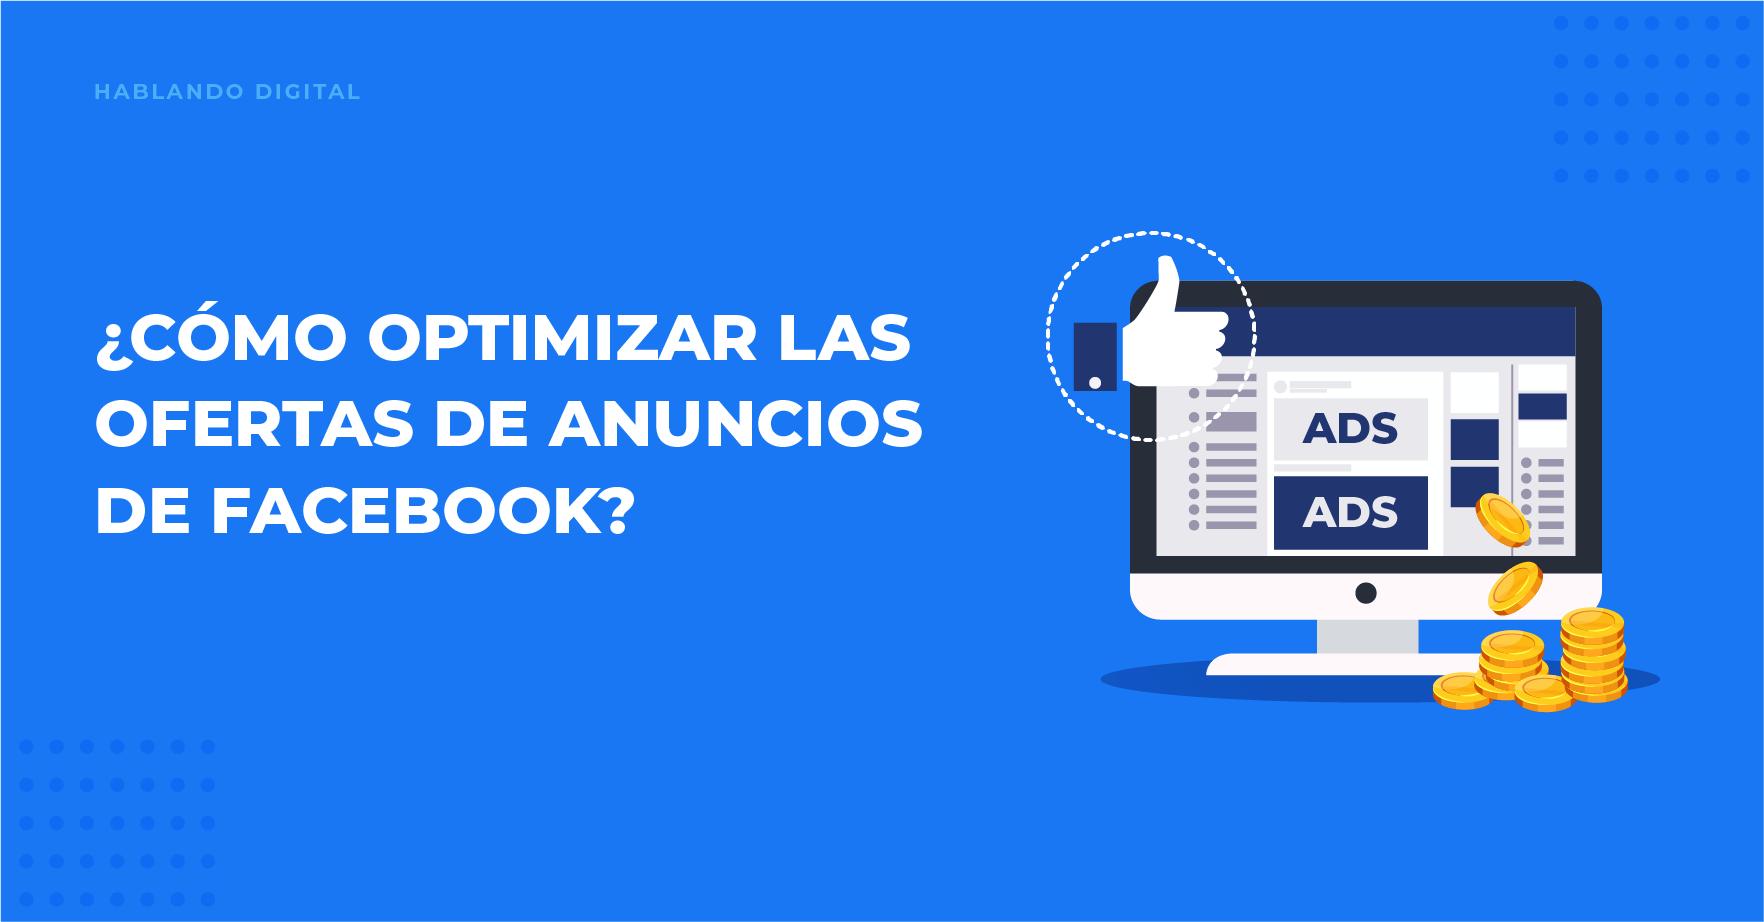 Cómo optimizar las ofertas de anuncios en Facebook